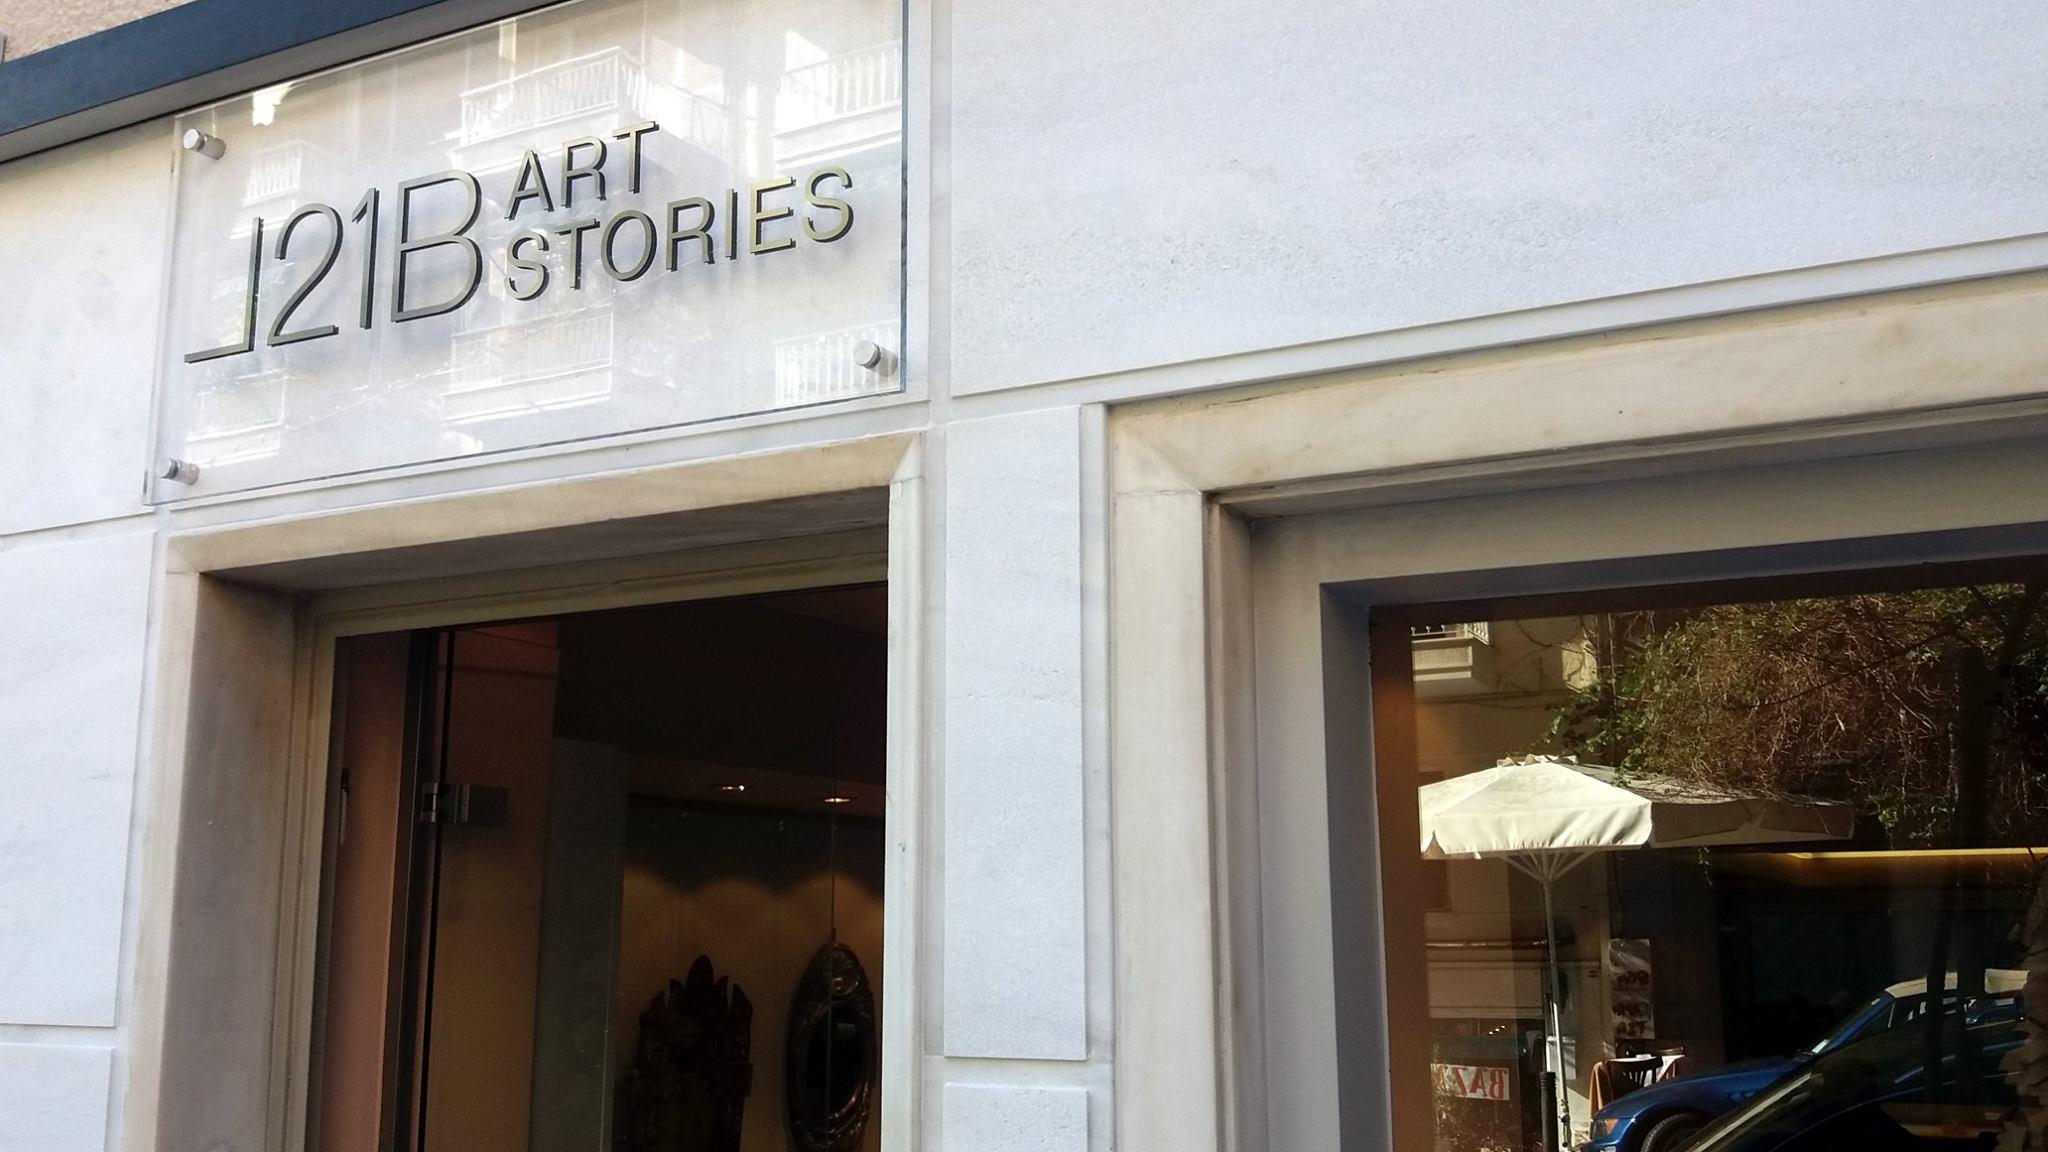 L21B Art Stories, Ρένα Σεφεριάδη, L21B Art Stories,